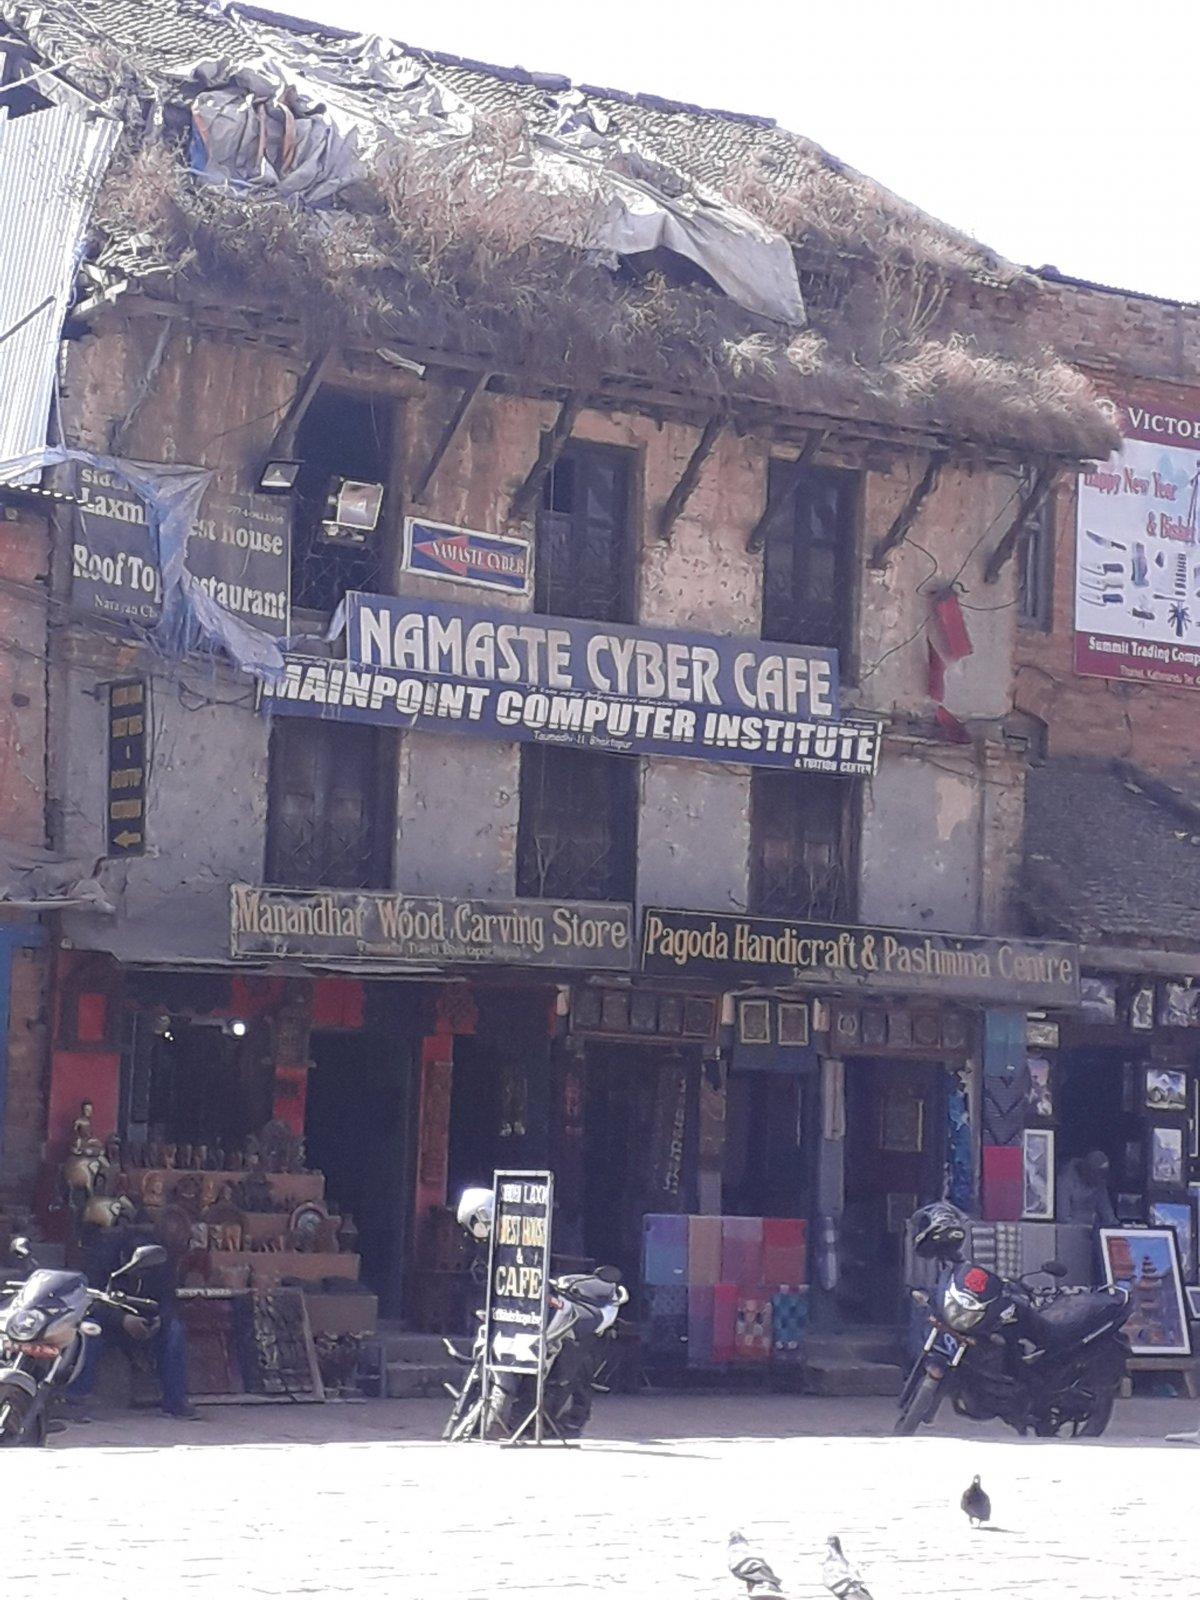 Számítógépközpont – hirdeti a felirat a romos épületen Bakhtapurban •  Fotó: Kiss Judit